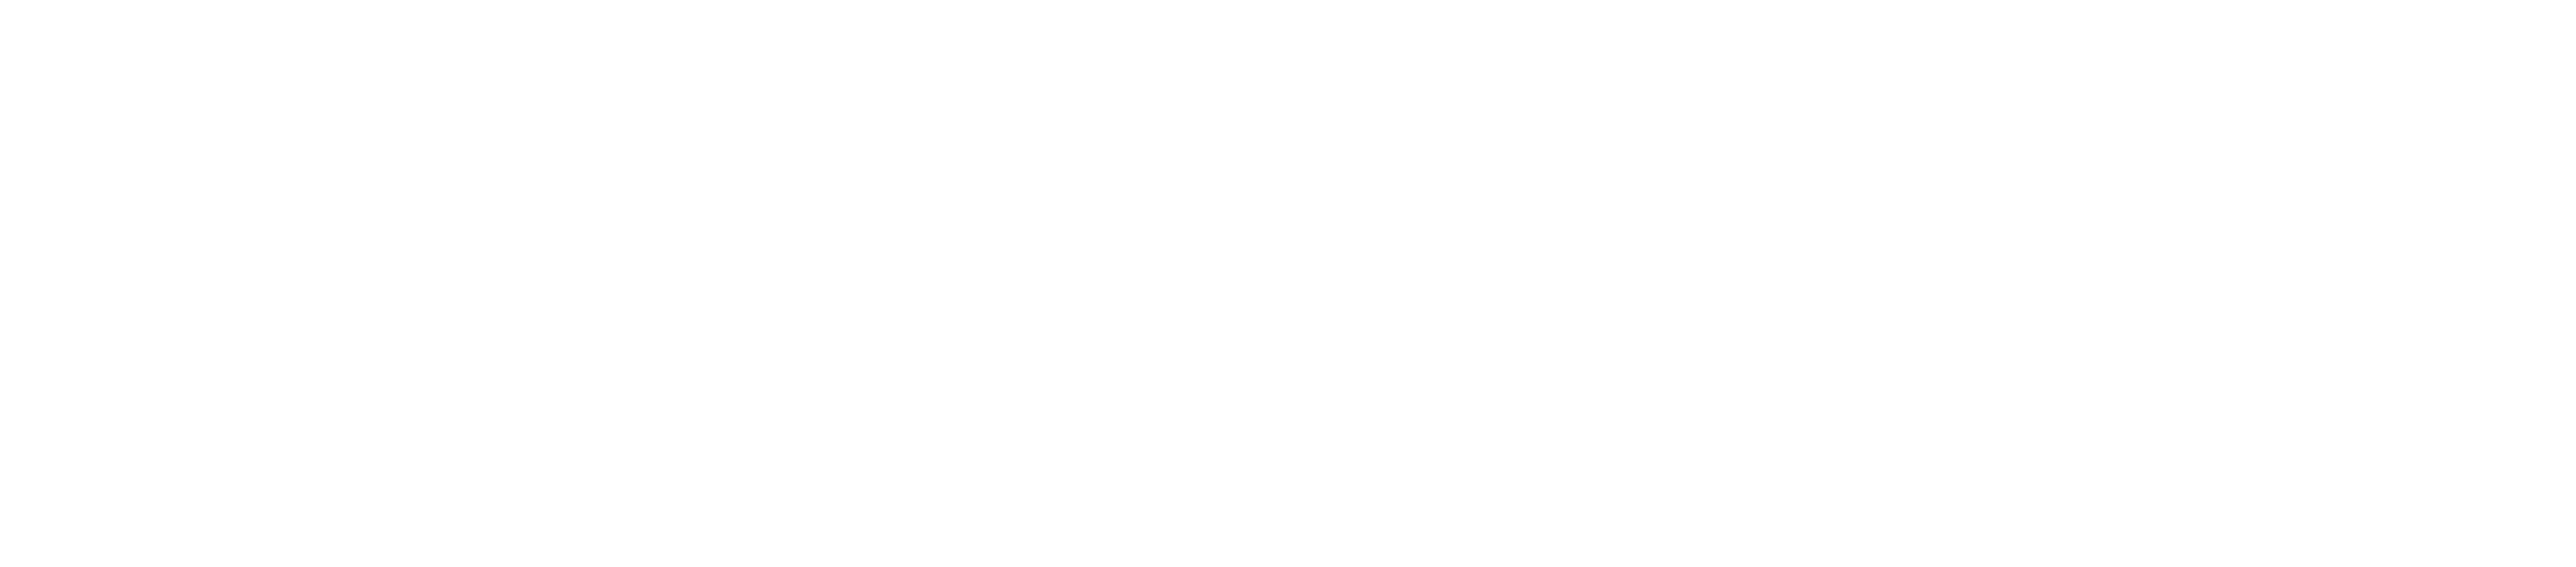 WP Unit